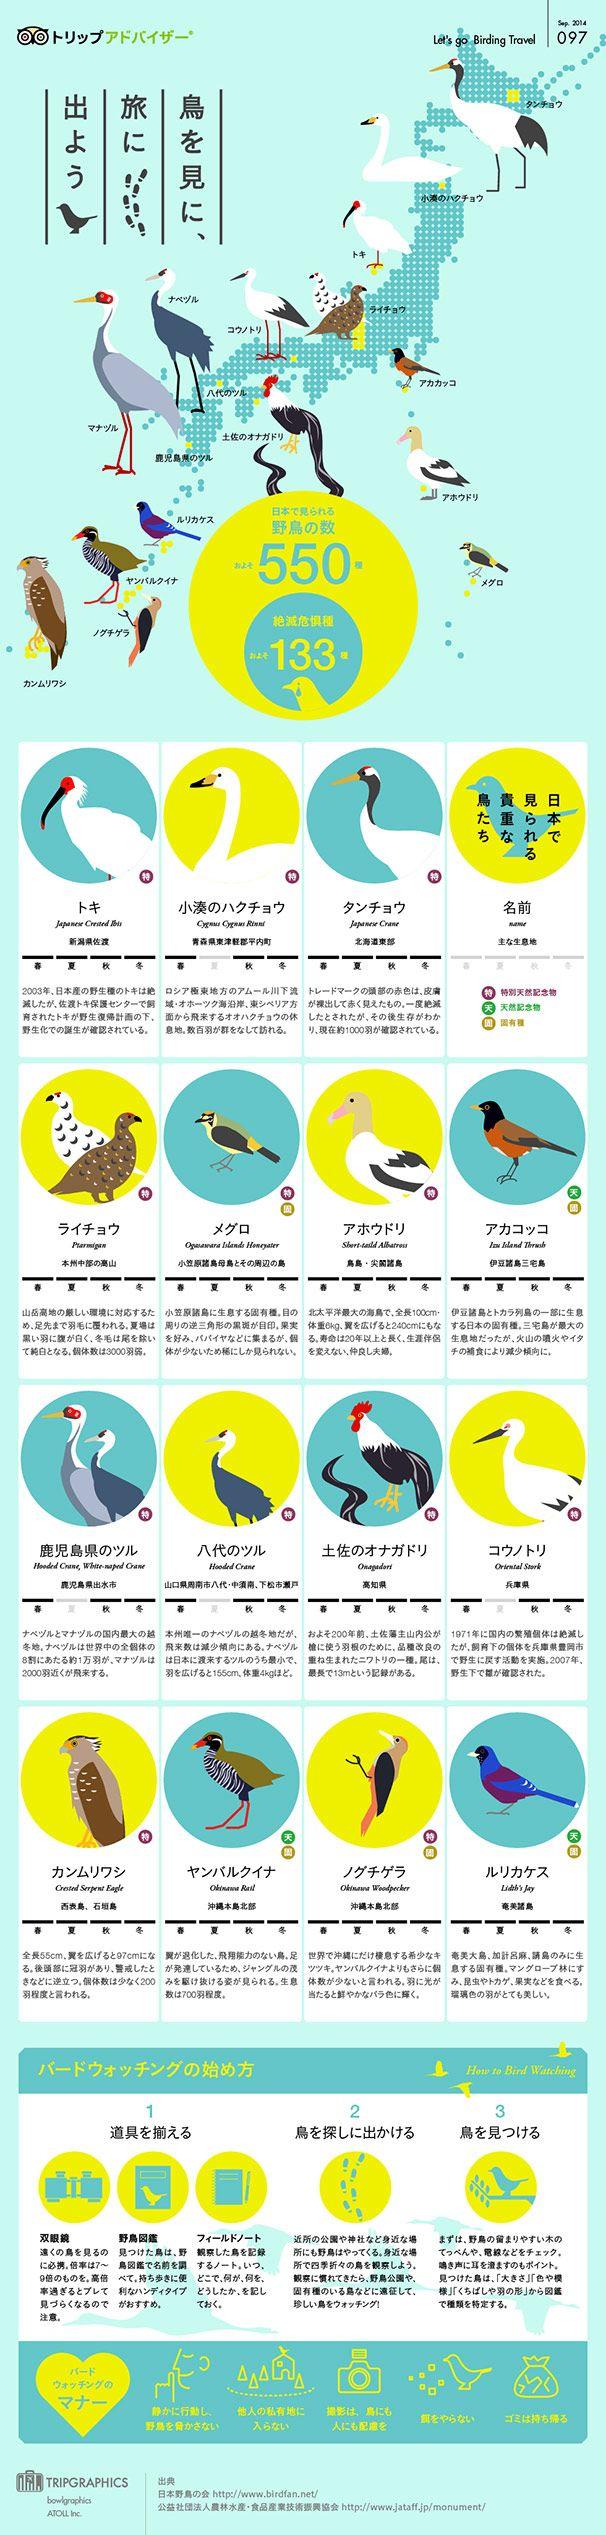 Vogelschar